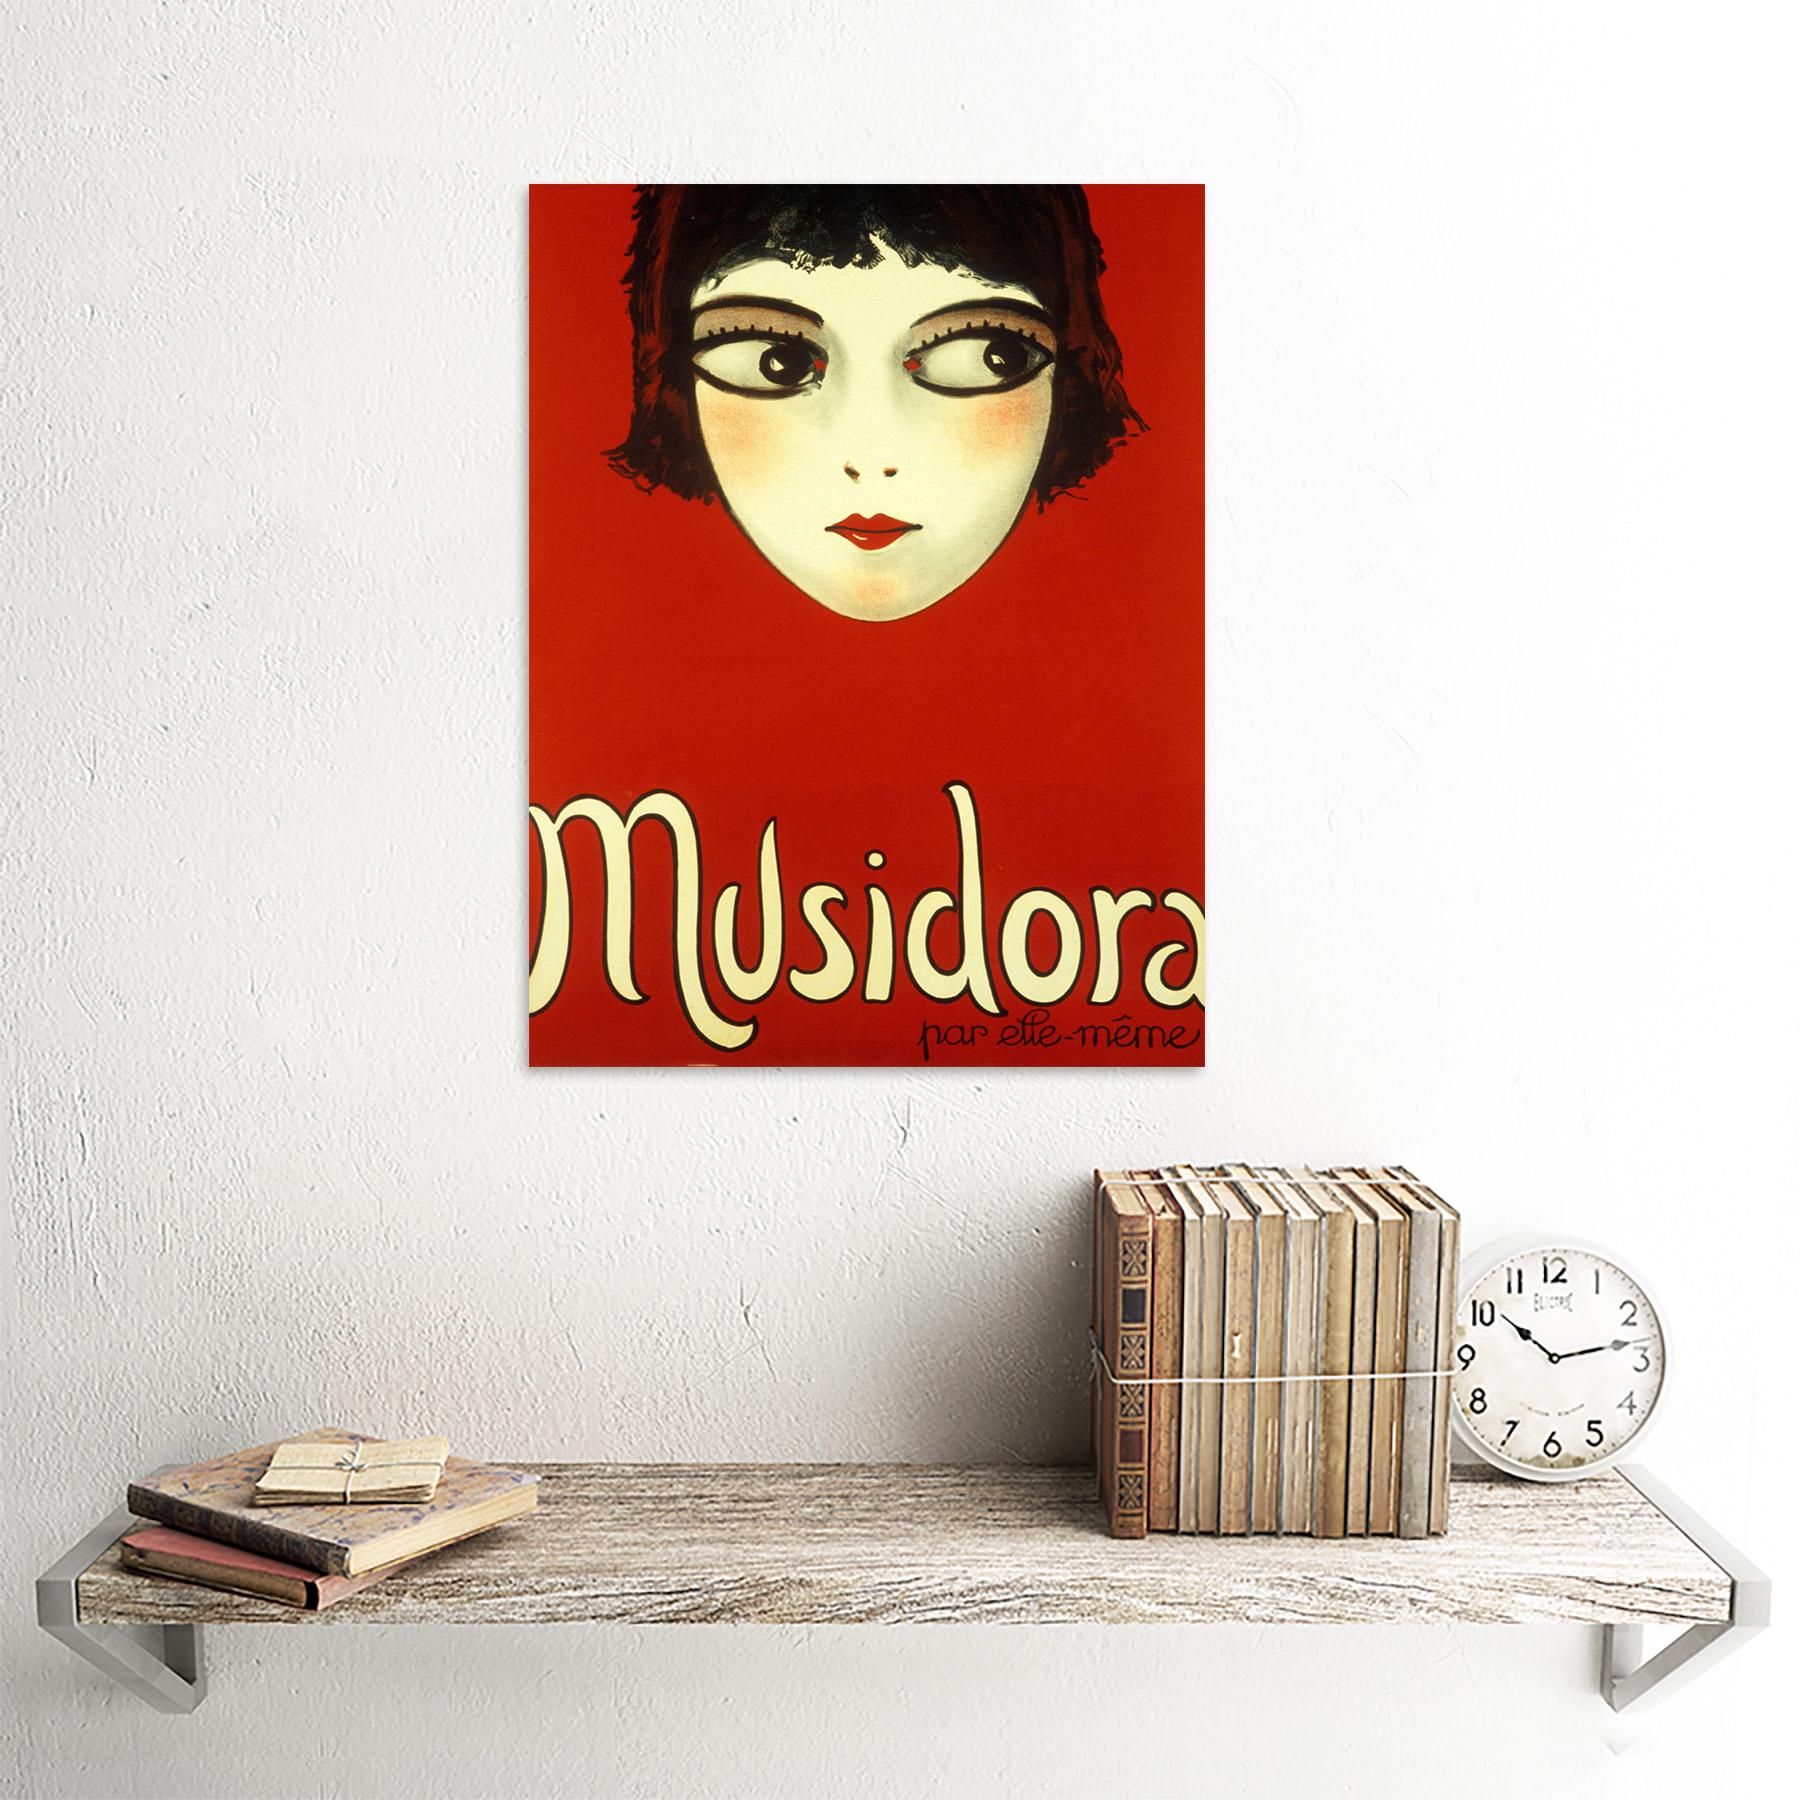 Actriz francesa Musidora solo muestran anuncio Pared Arte Cartel enmarcado